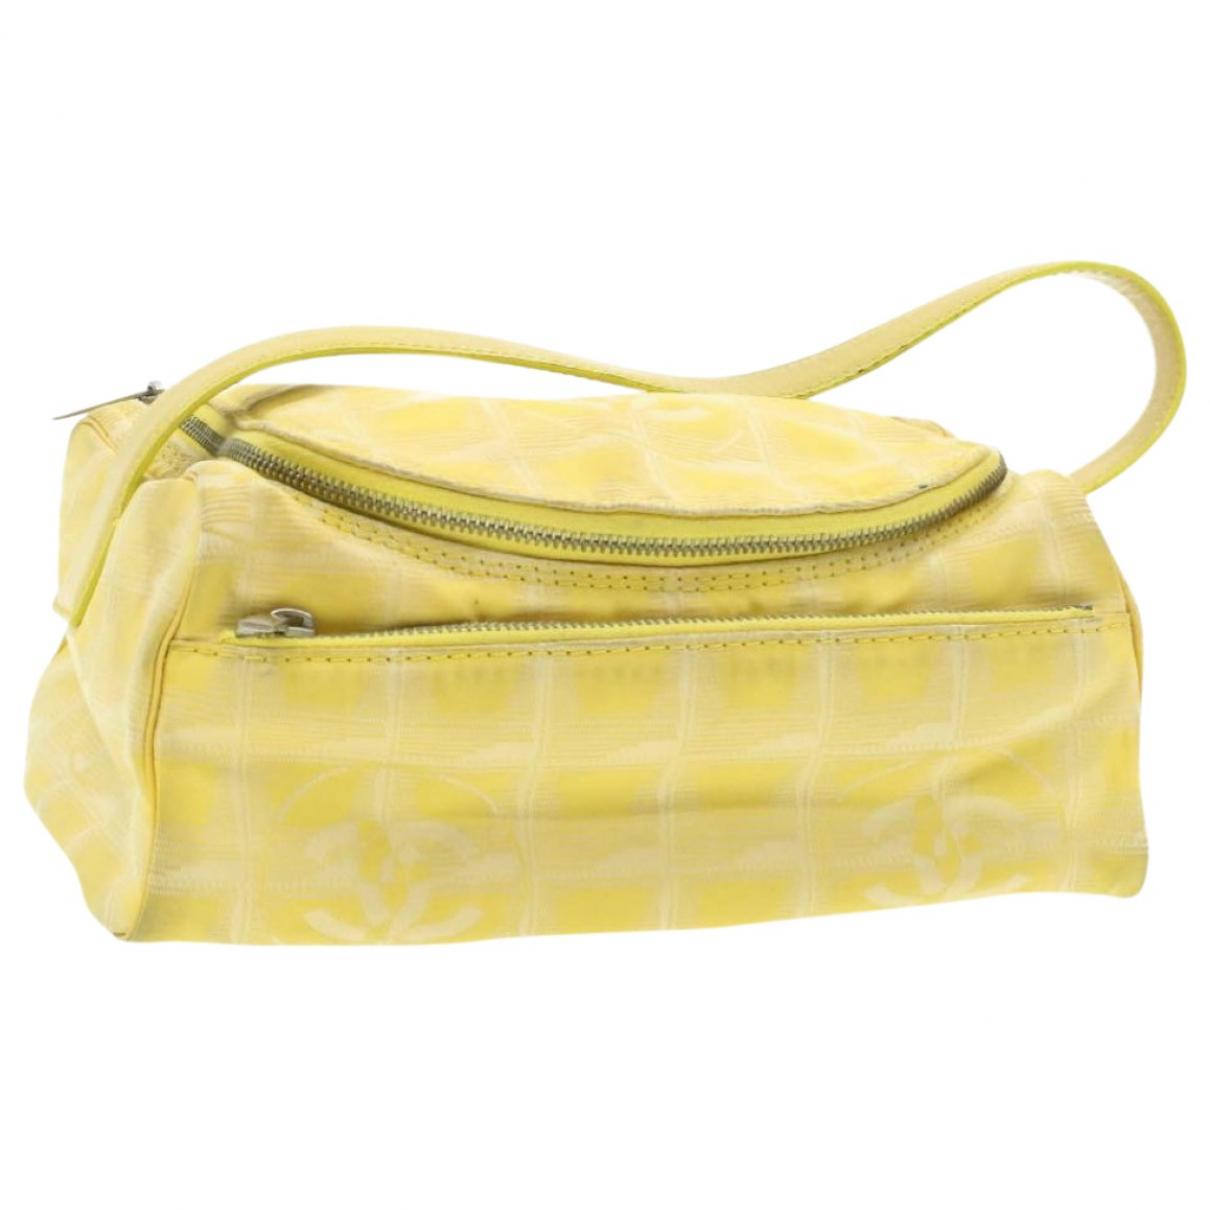 Chanel - Sac a main   pour femme en toile - jaune